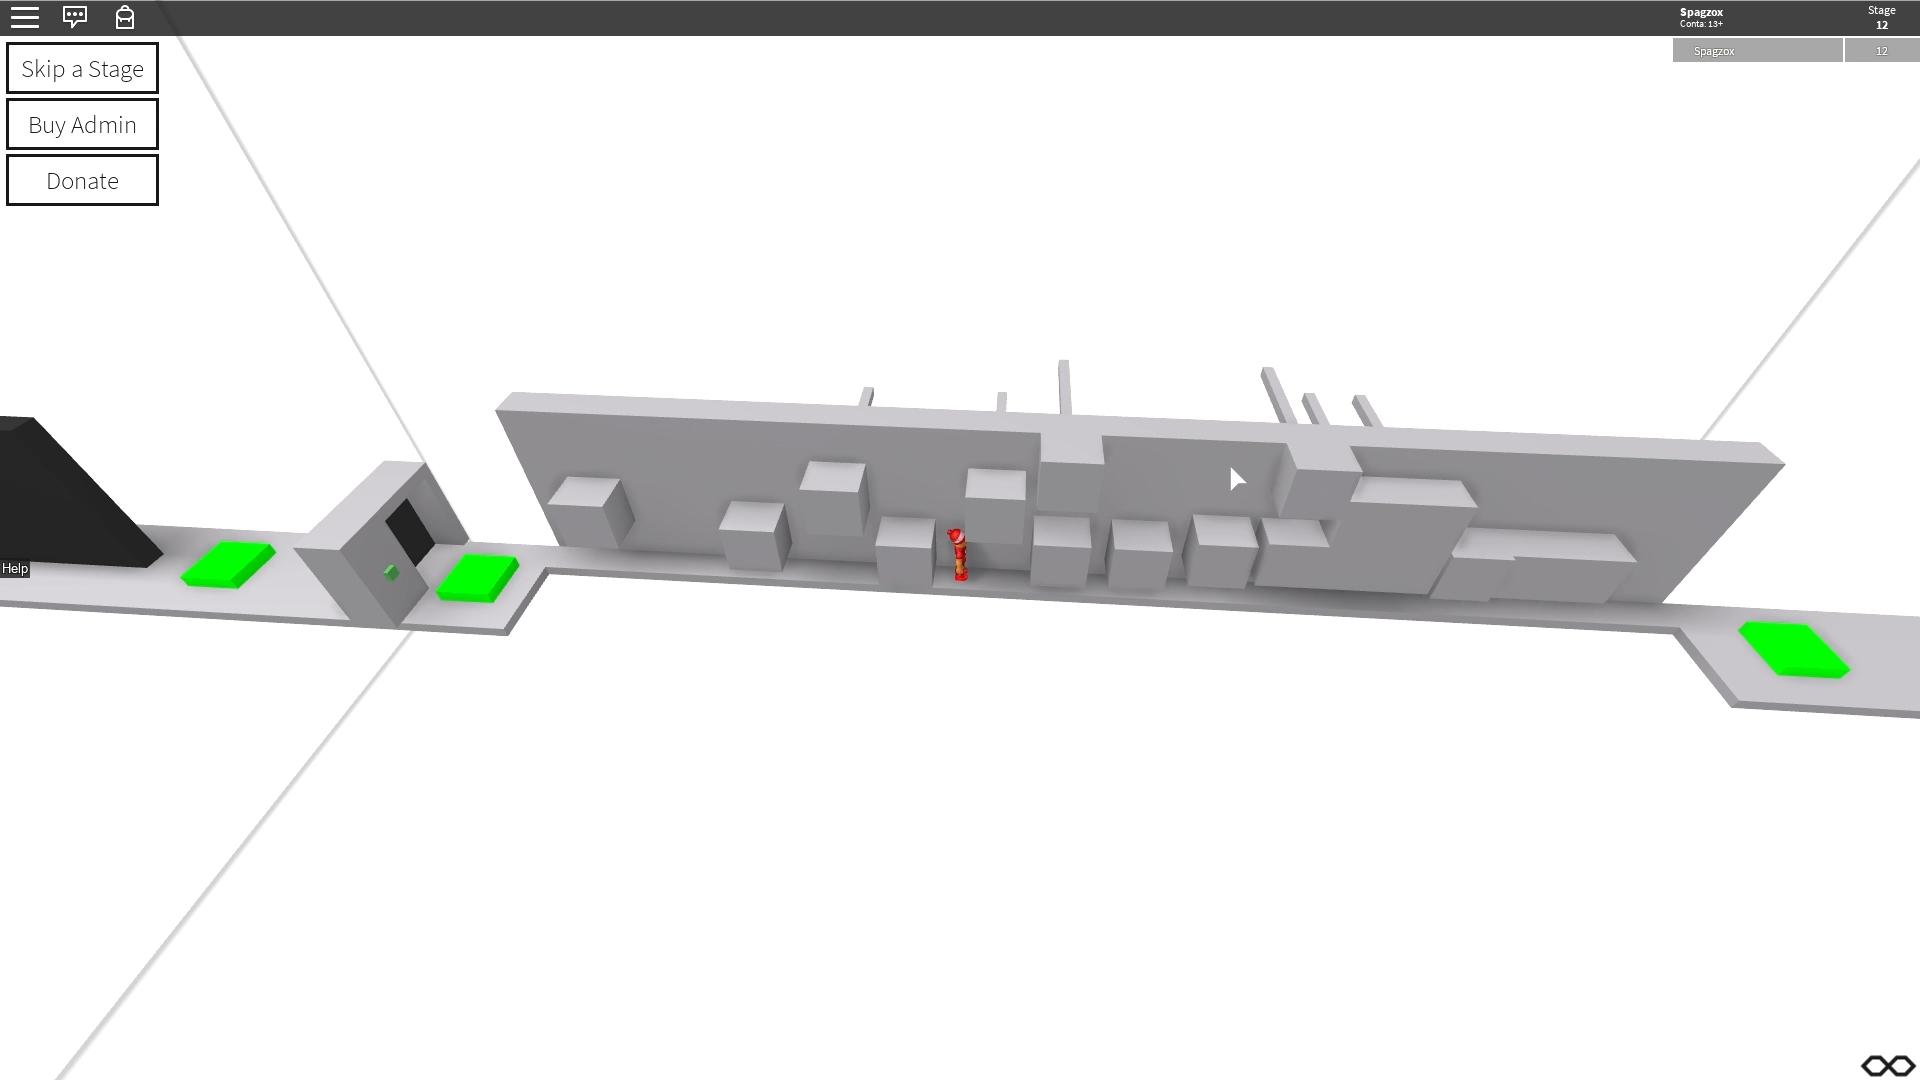 toll bridge simulator roblox - digitalspace info